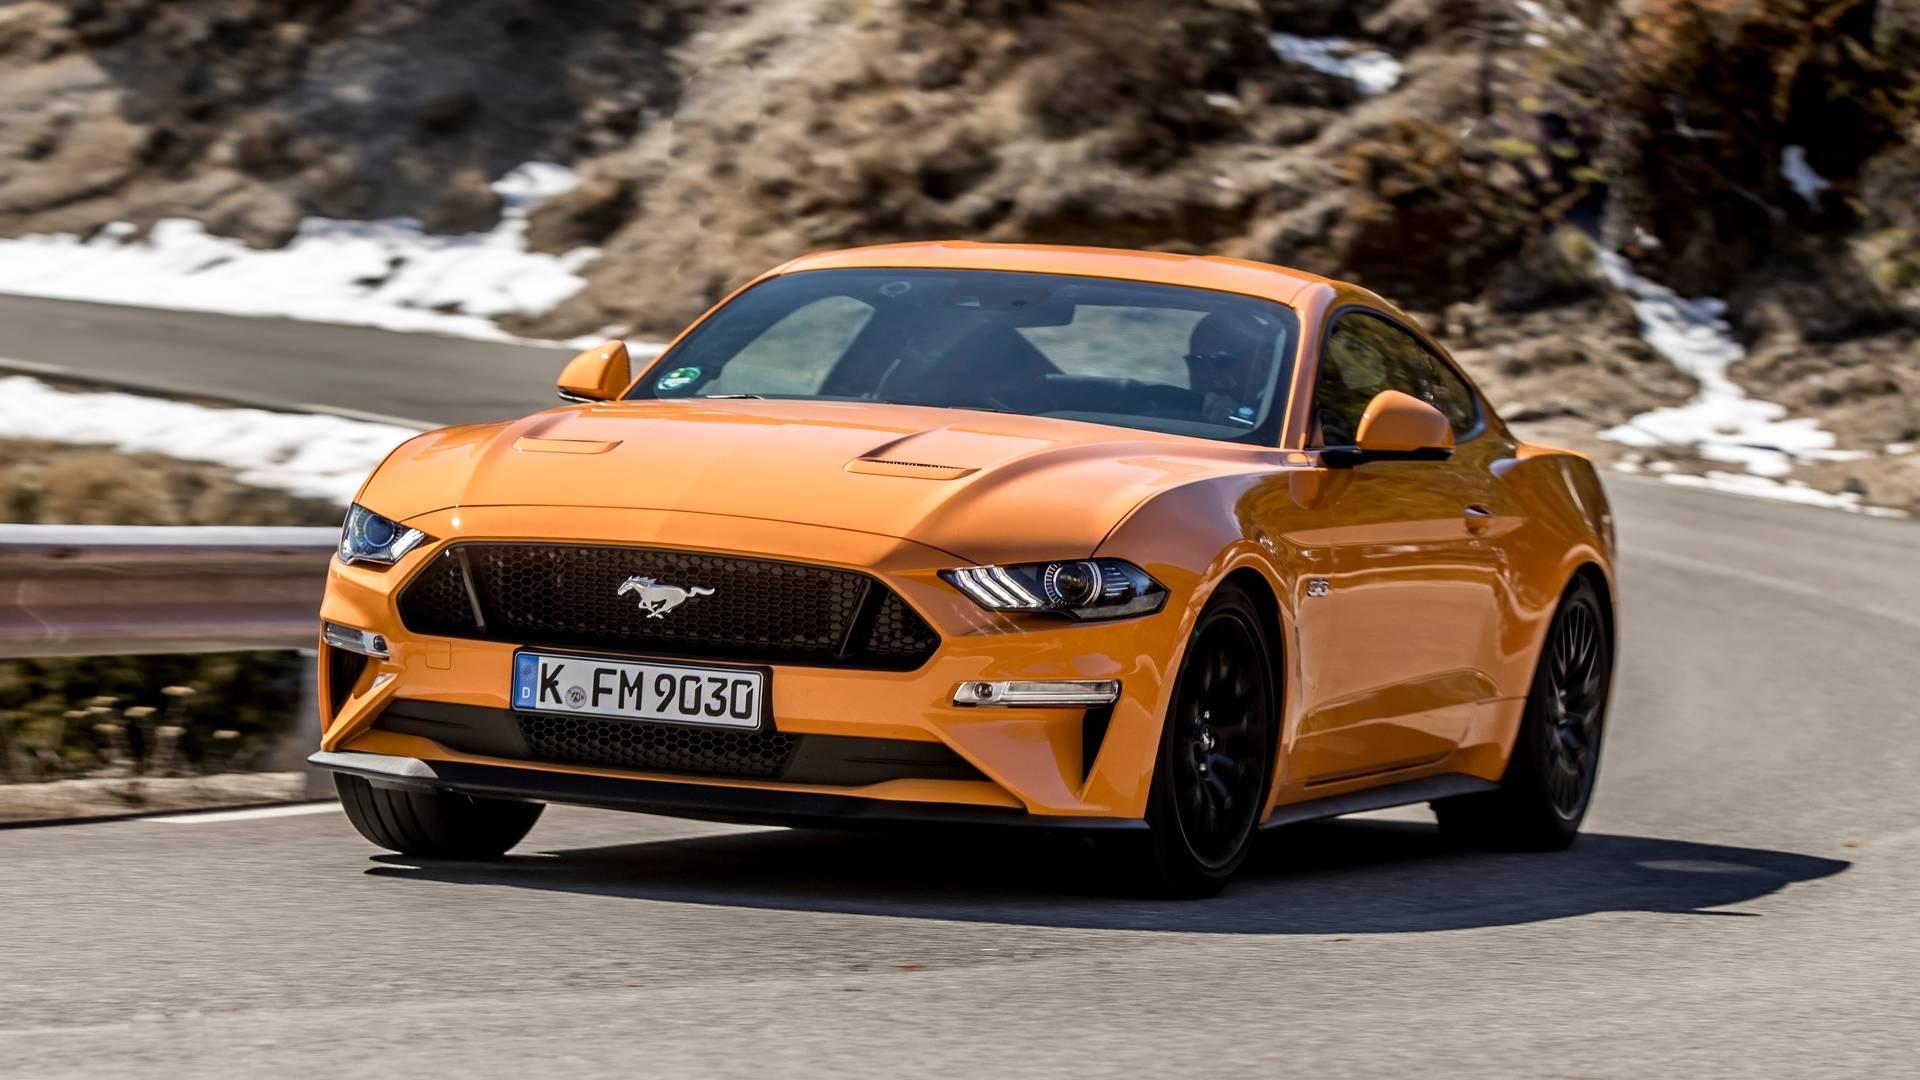 Habrá un Ford Mustang turbo más potente, primeros detalles